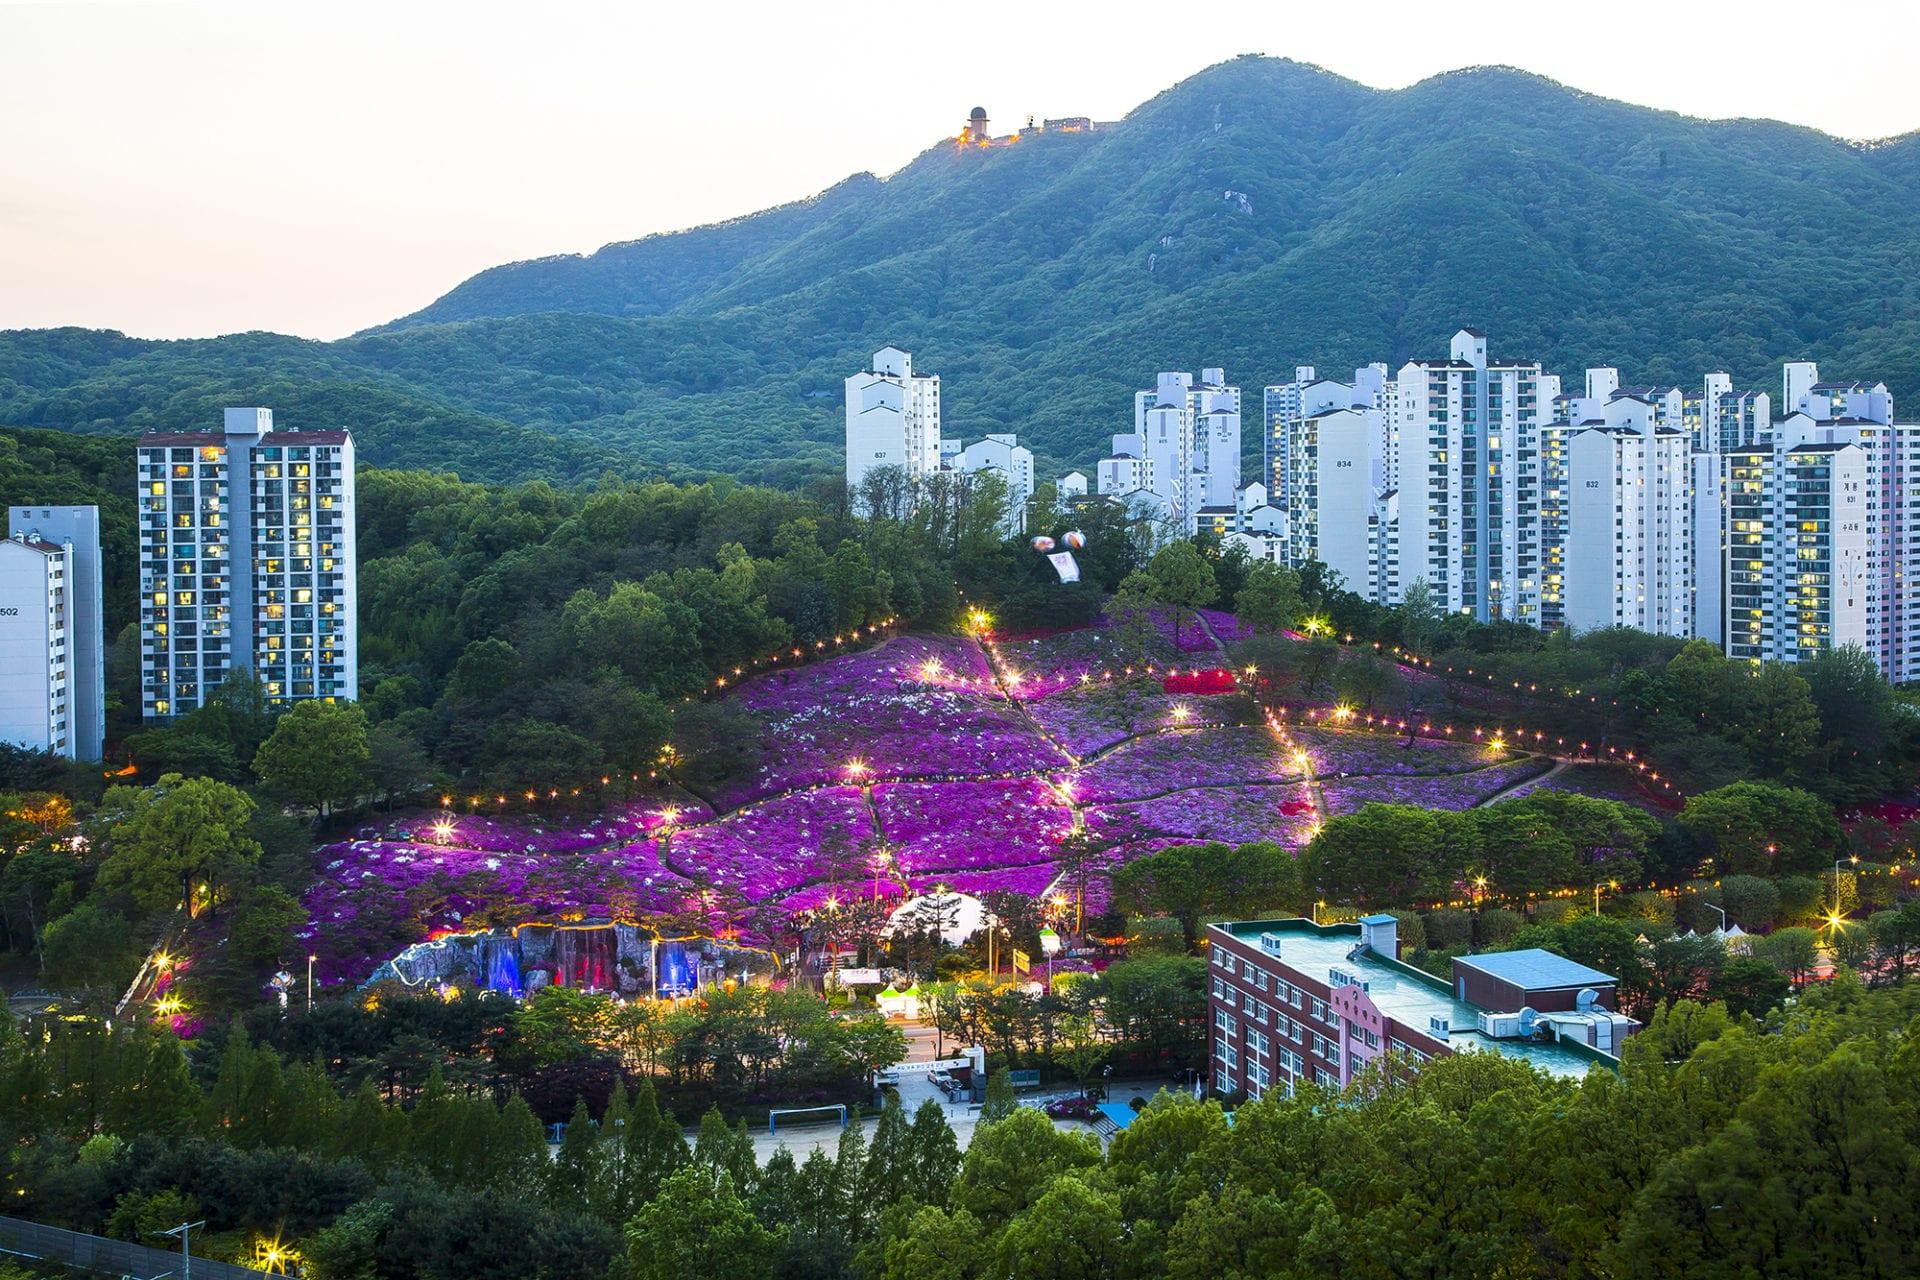 gunpo royal azalea festival 2019